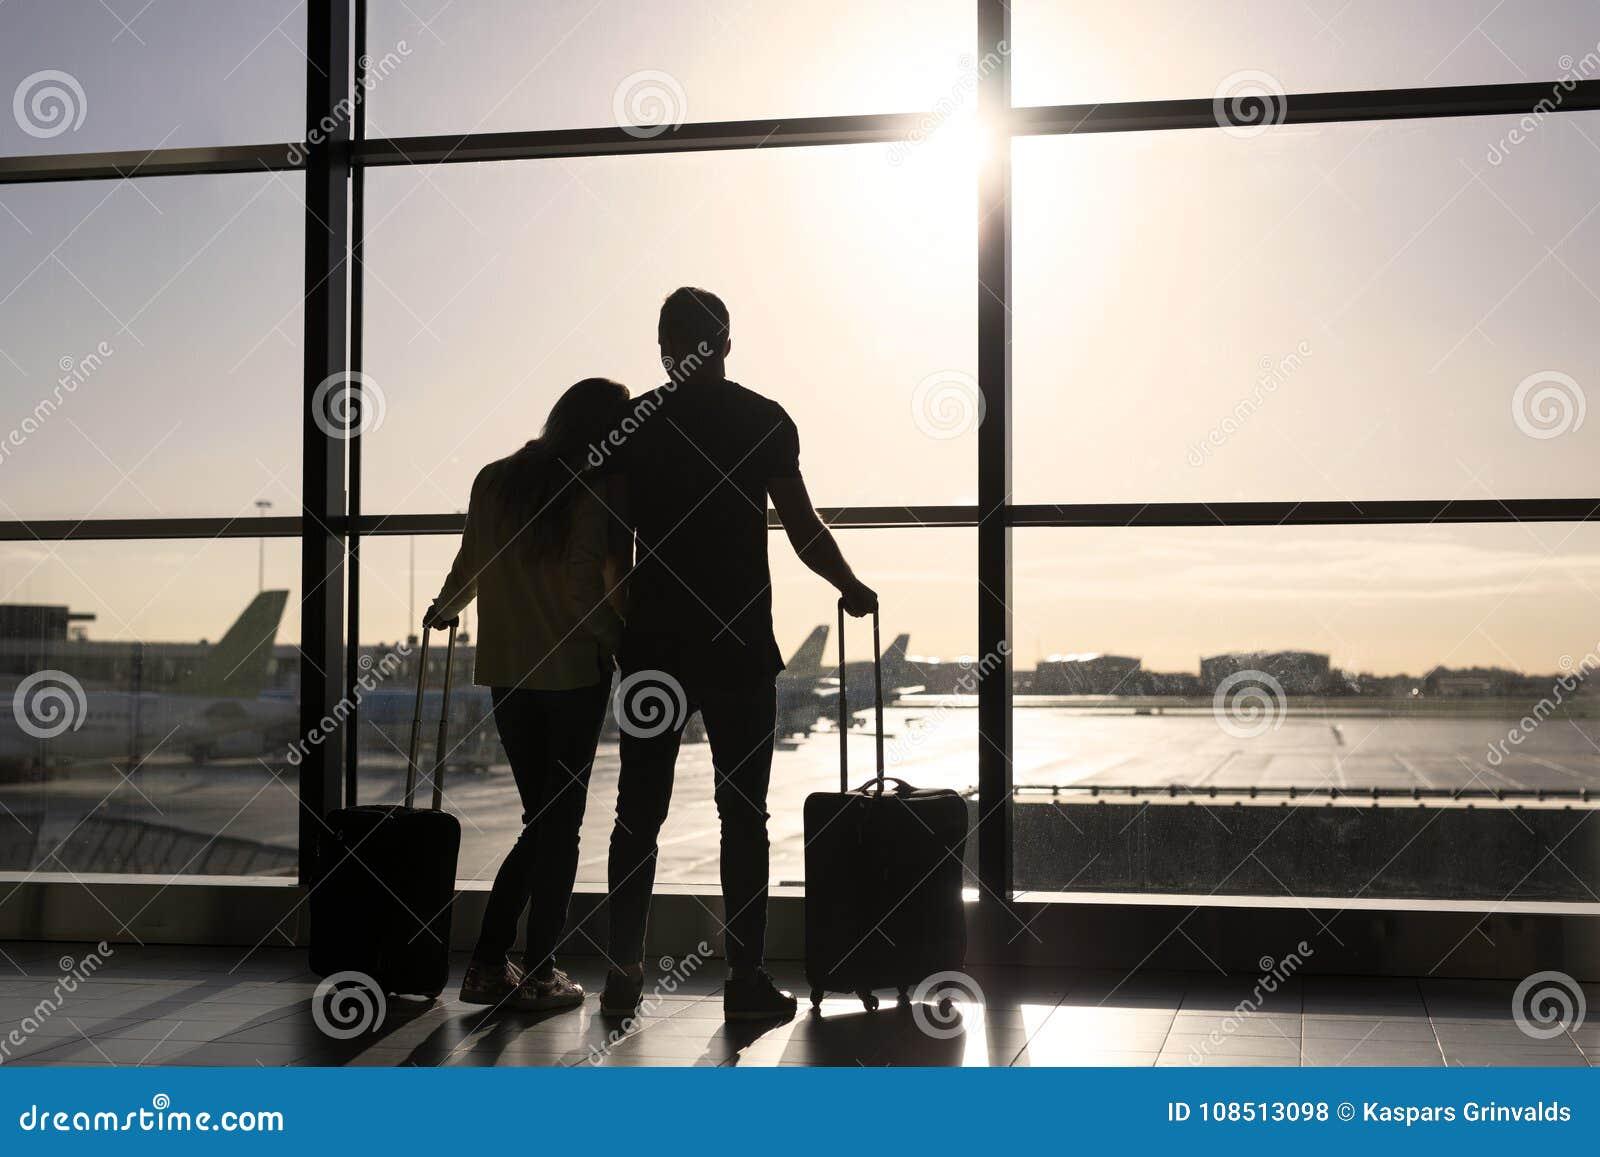 Paarwarteflug im Flughafen